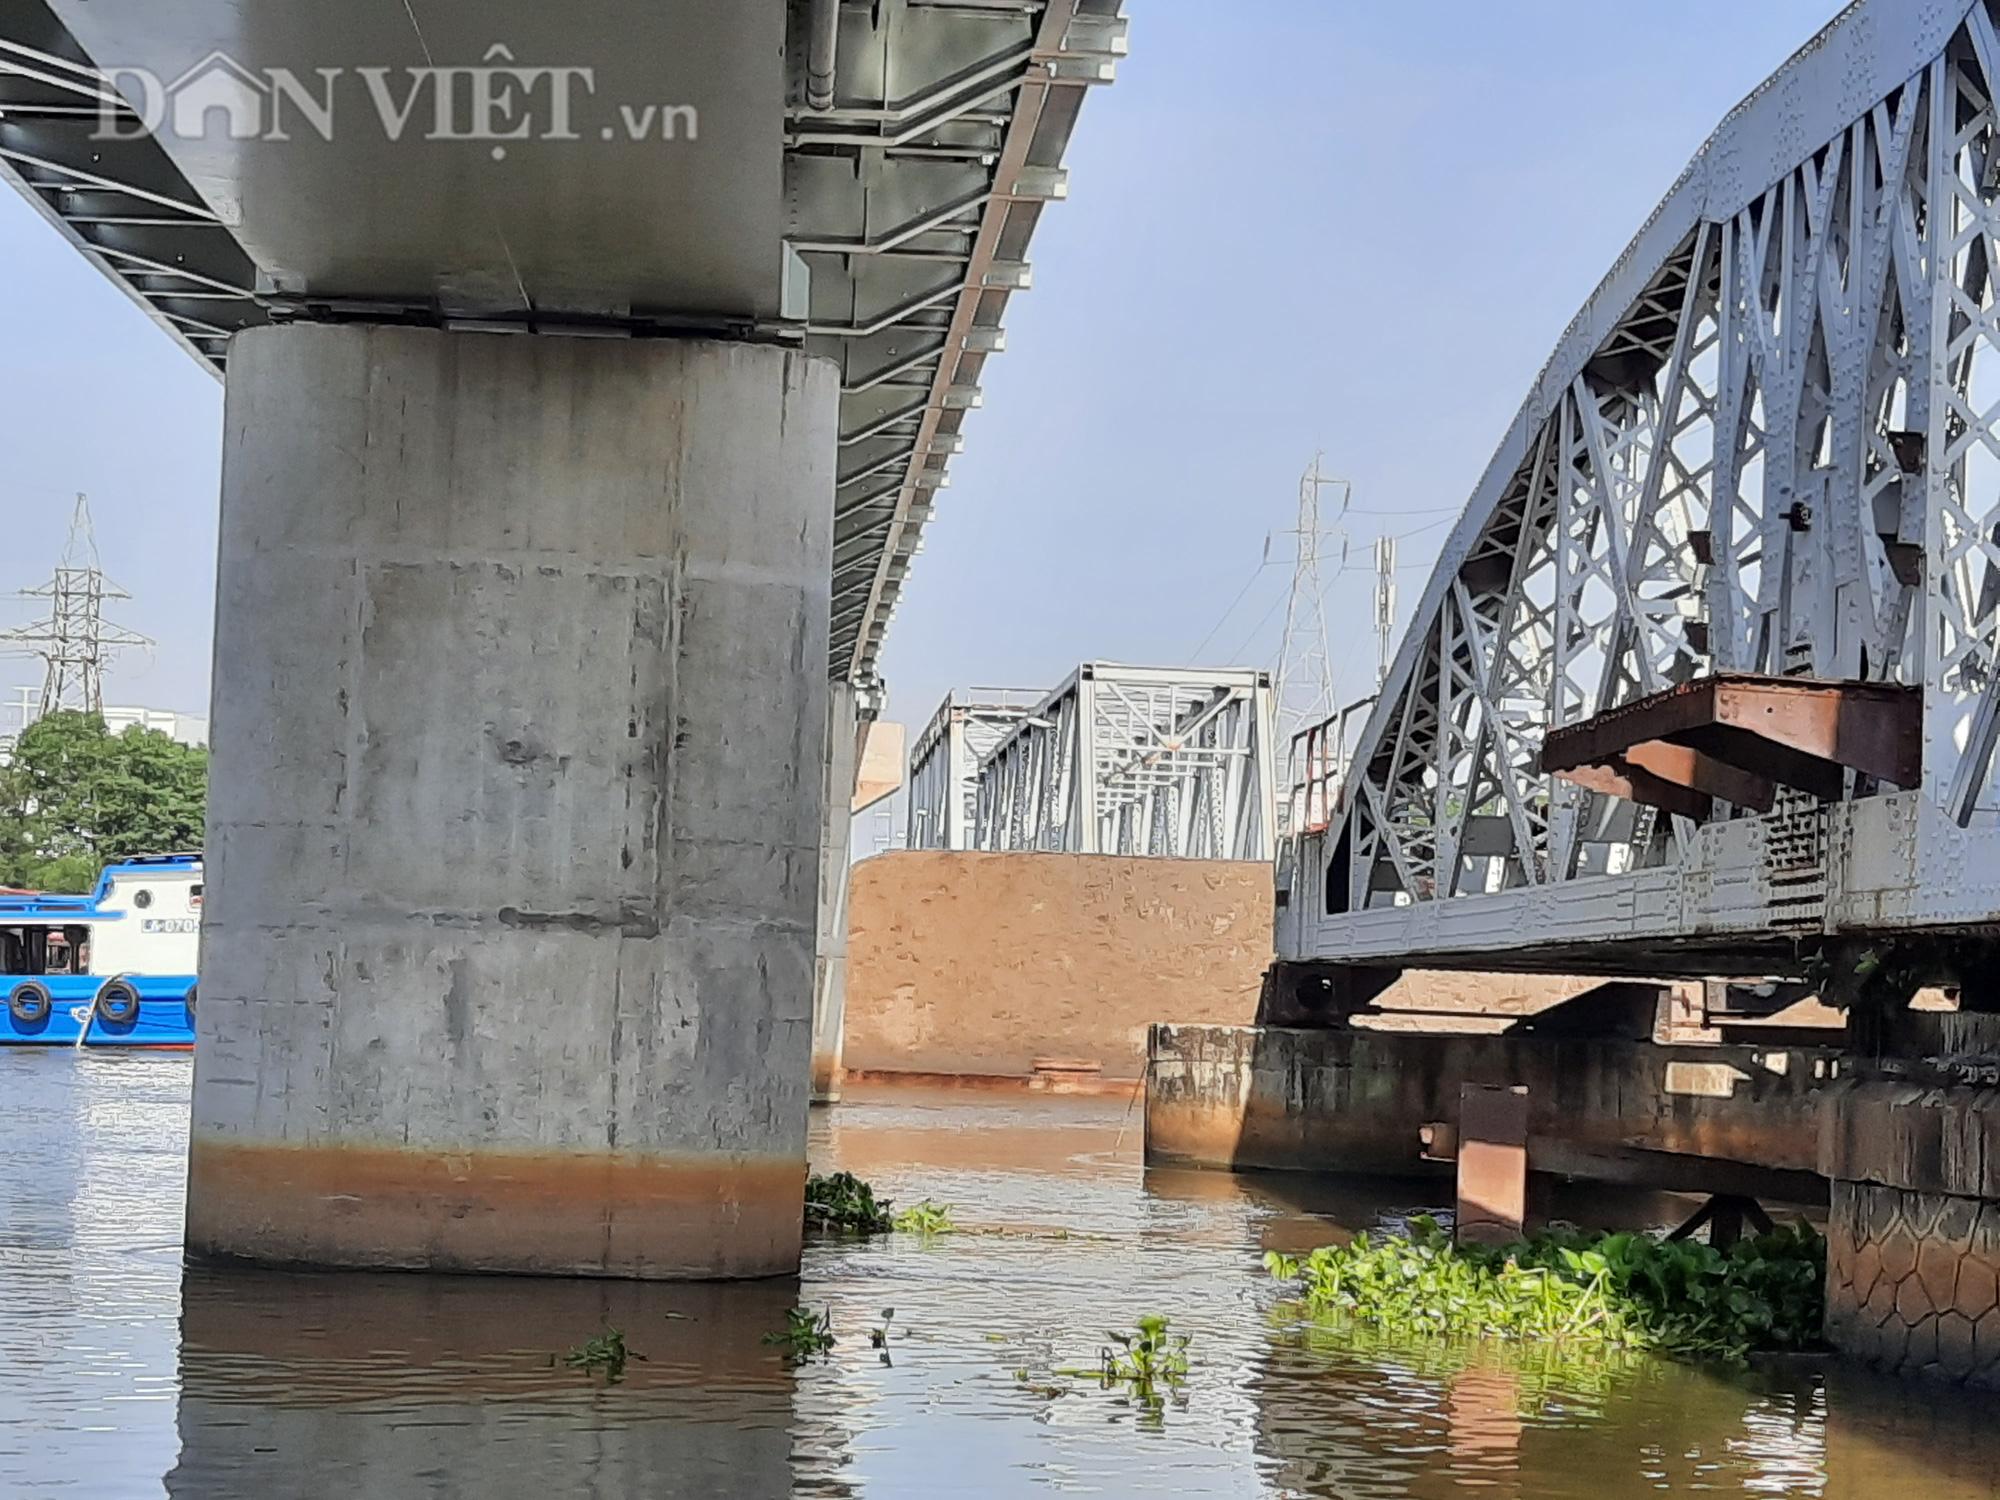 Hết ùn tắc giao thông đường thủy tại cầu sắt Bình Lợi - Ảnh 9.